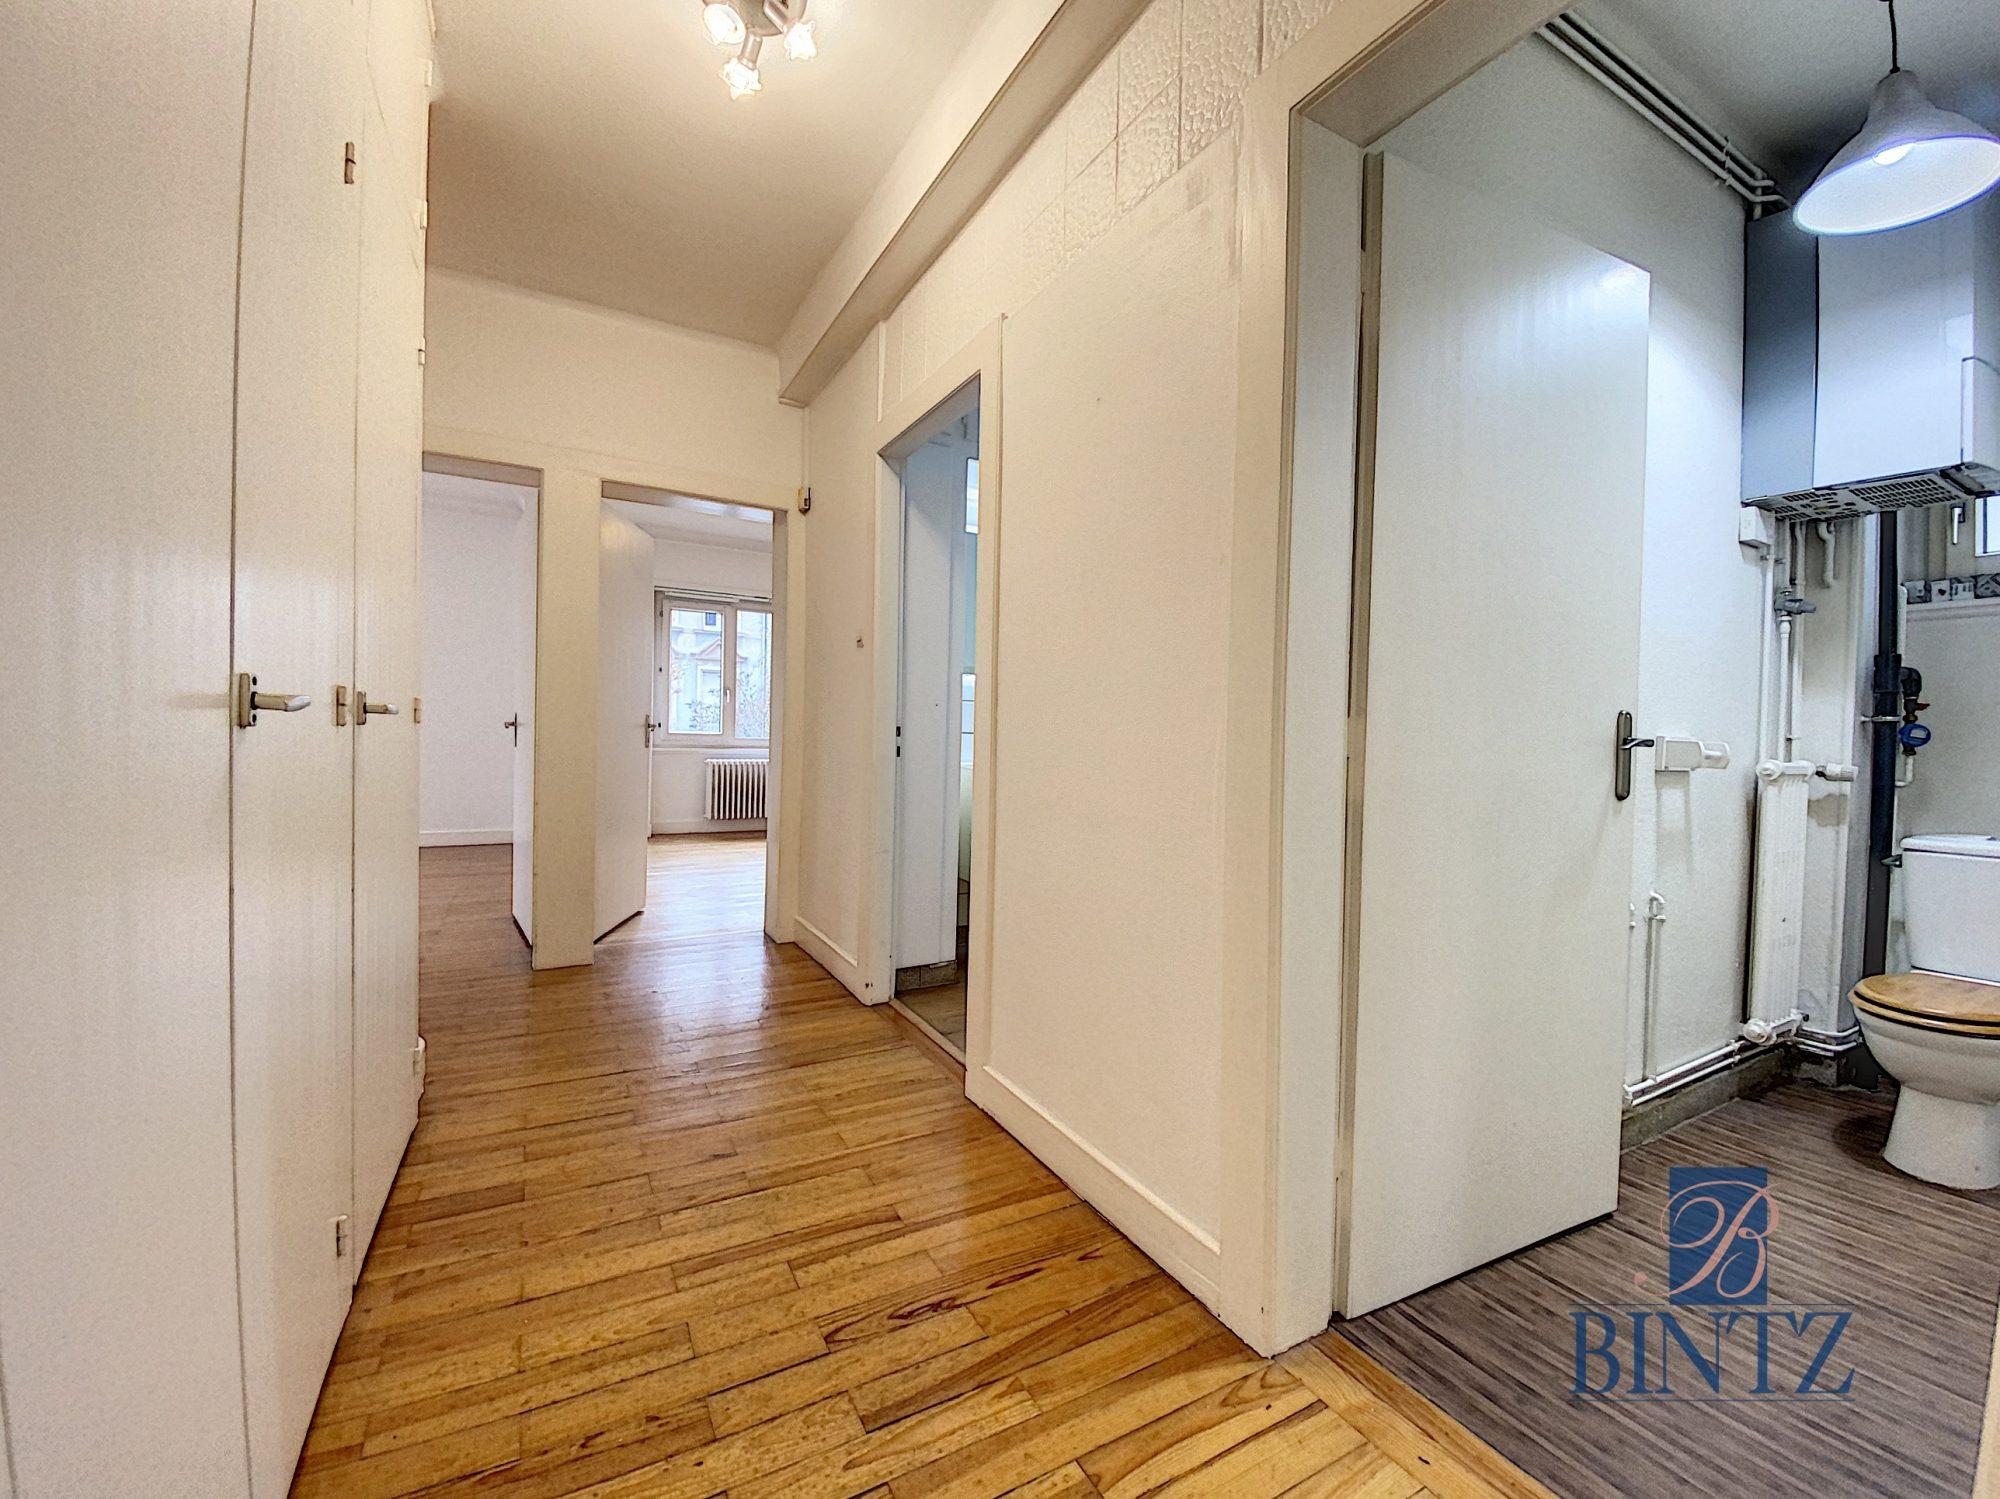 3P avec terrasse orangerie - Devenez locataire en toute sérénité - Bintz Immobilier - 13